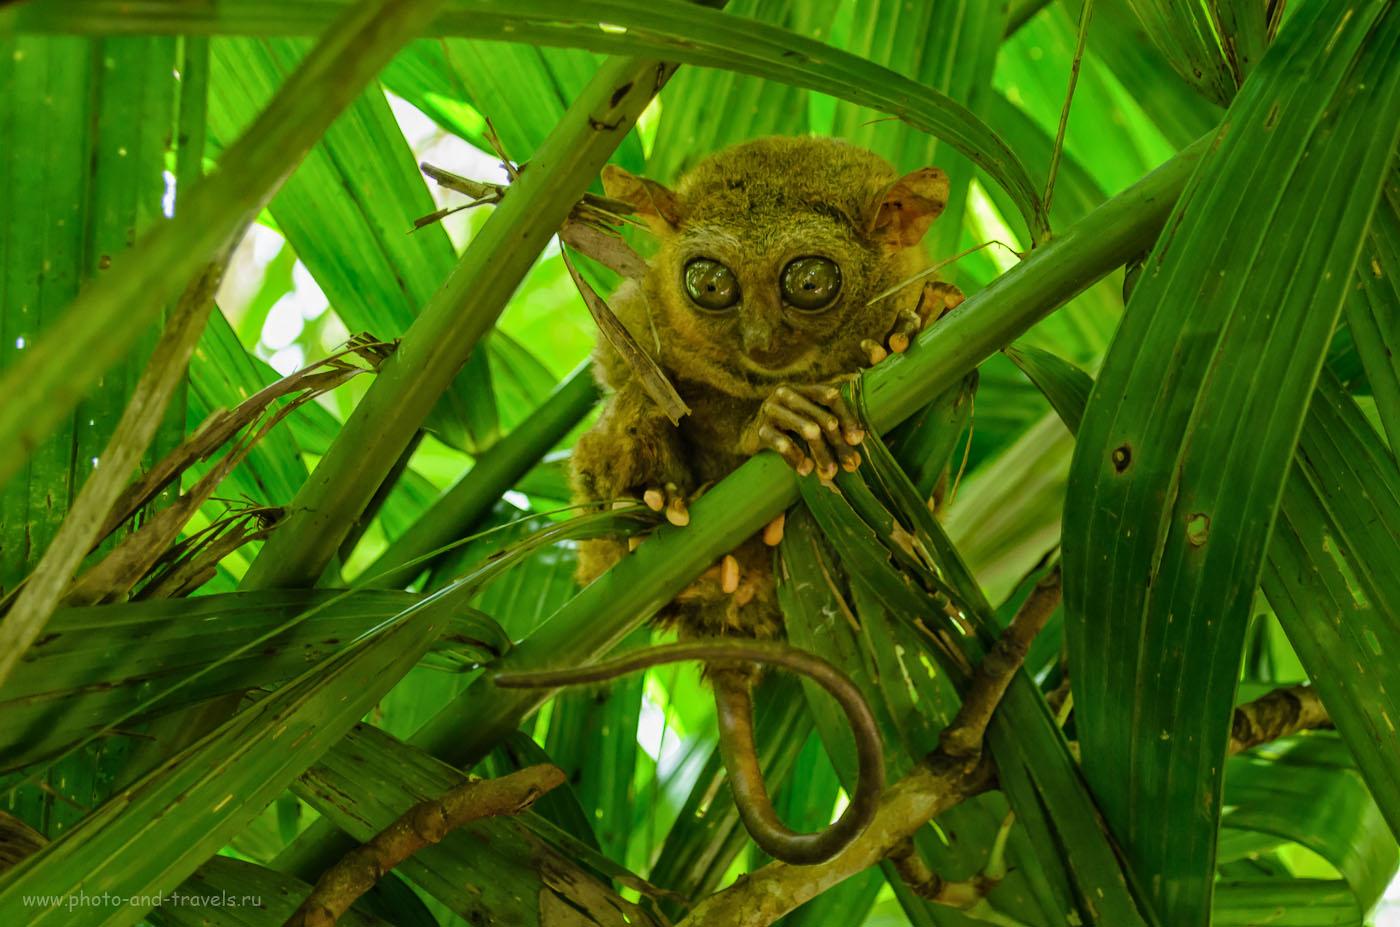 Фотография 6. Долгопят на филиппинском острове Бохоль (Bohol Island). Учимся фотографировать репортаж. 1/60, 5.3, 800, 40.